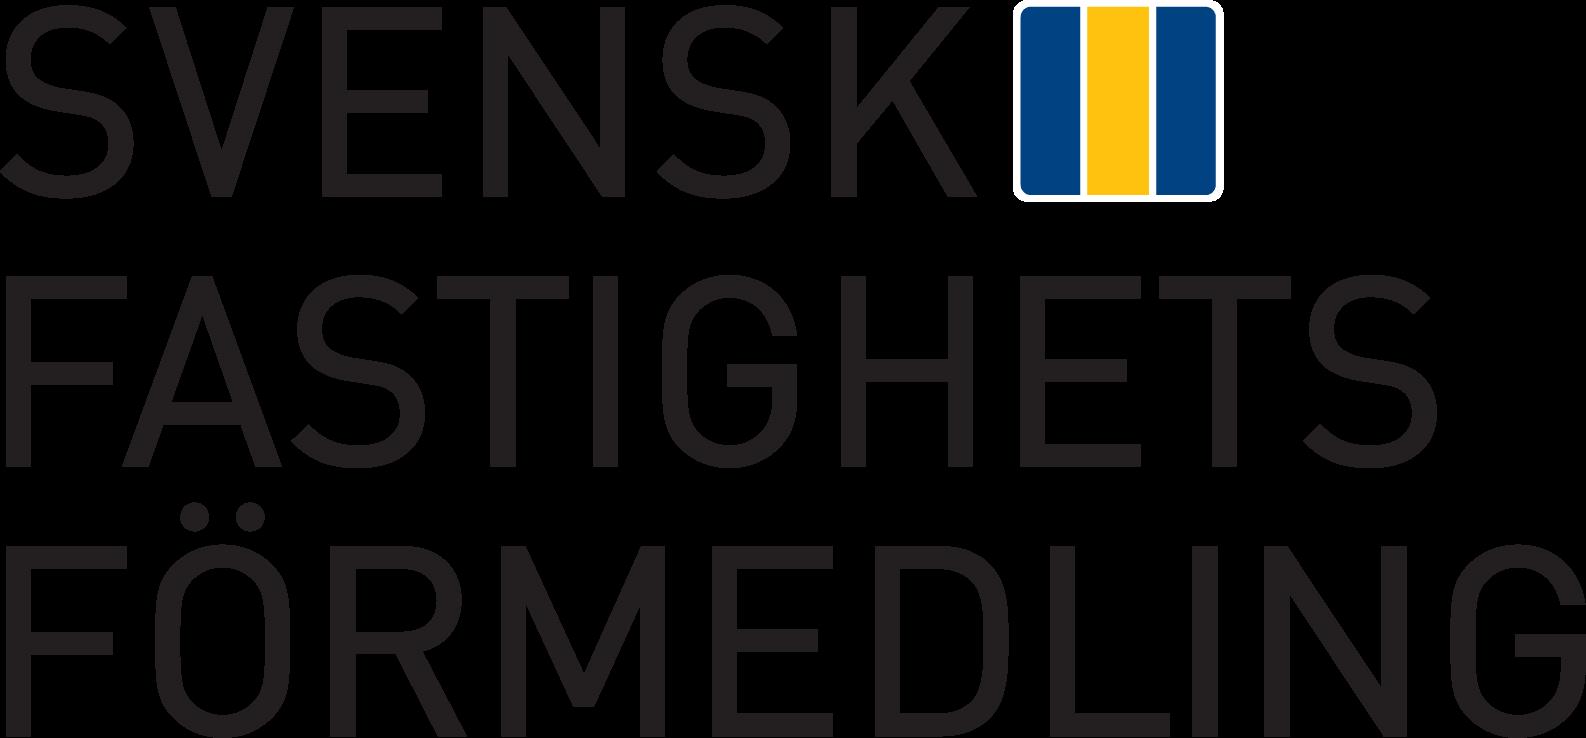 Svensk fastighets förmedling logo